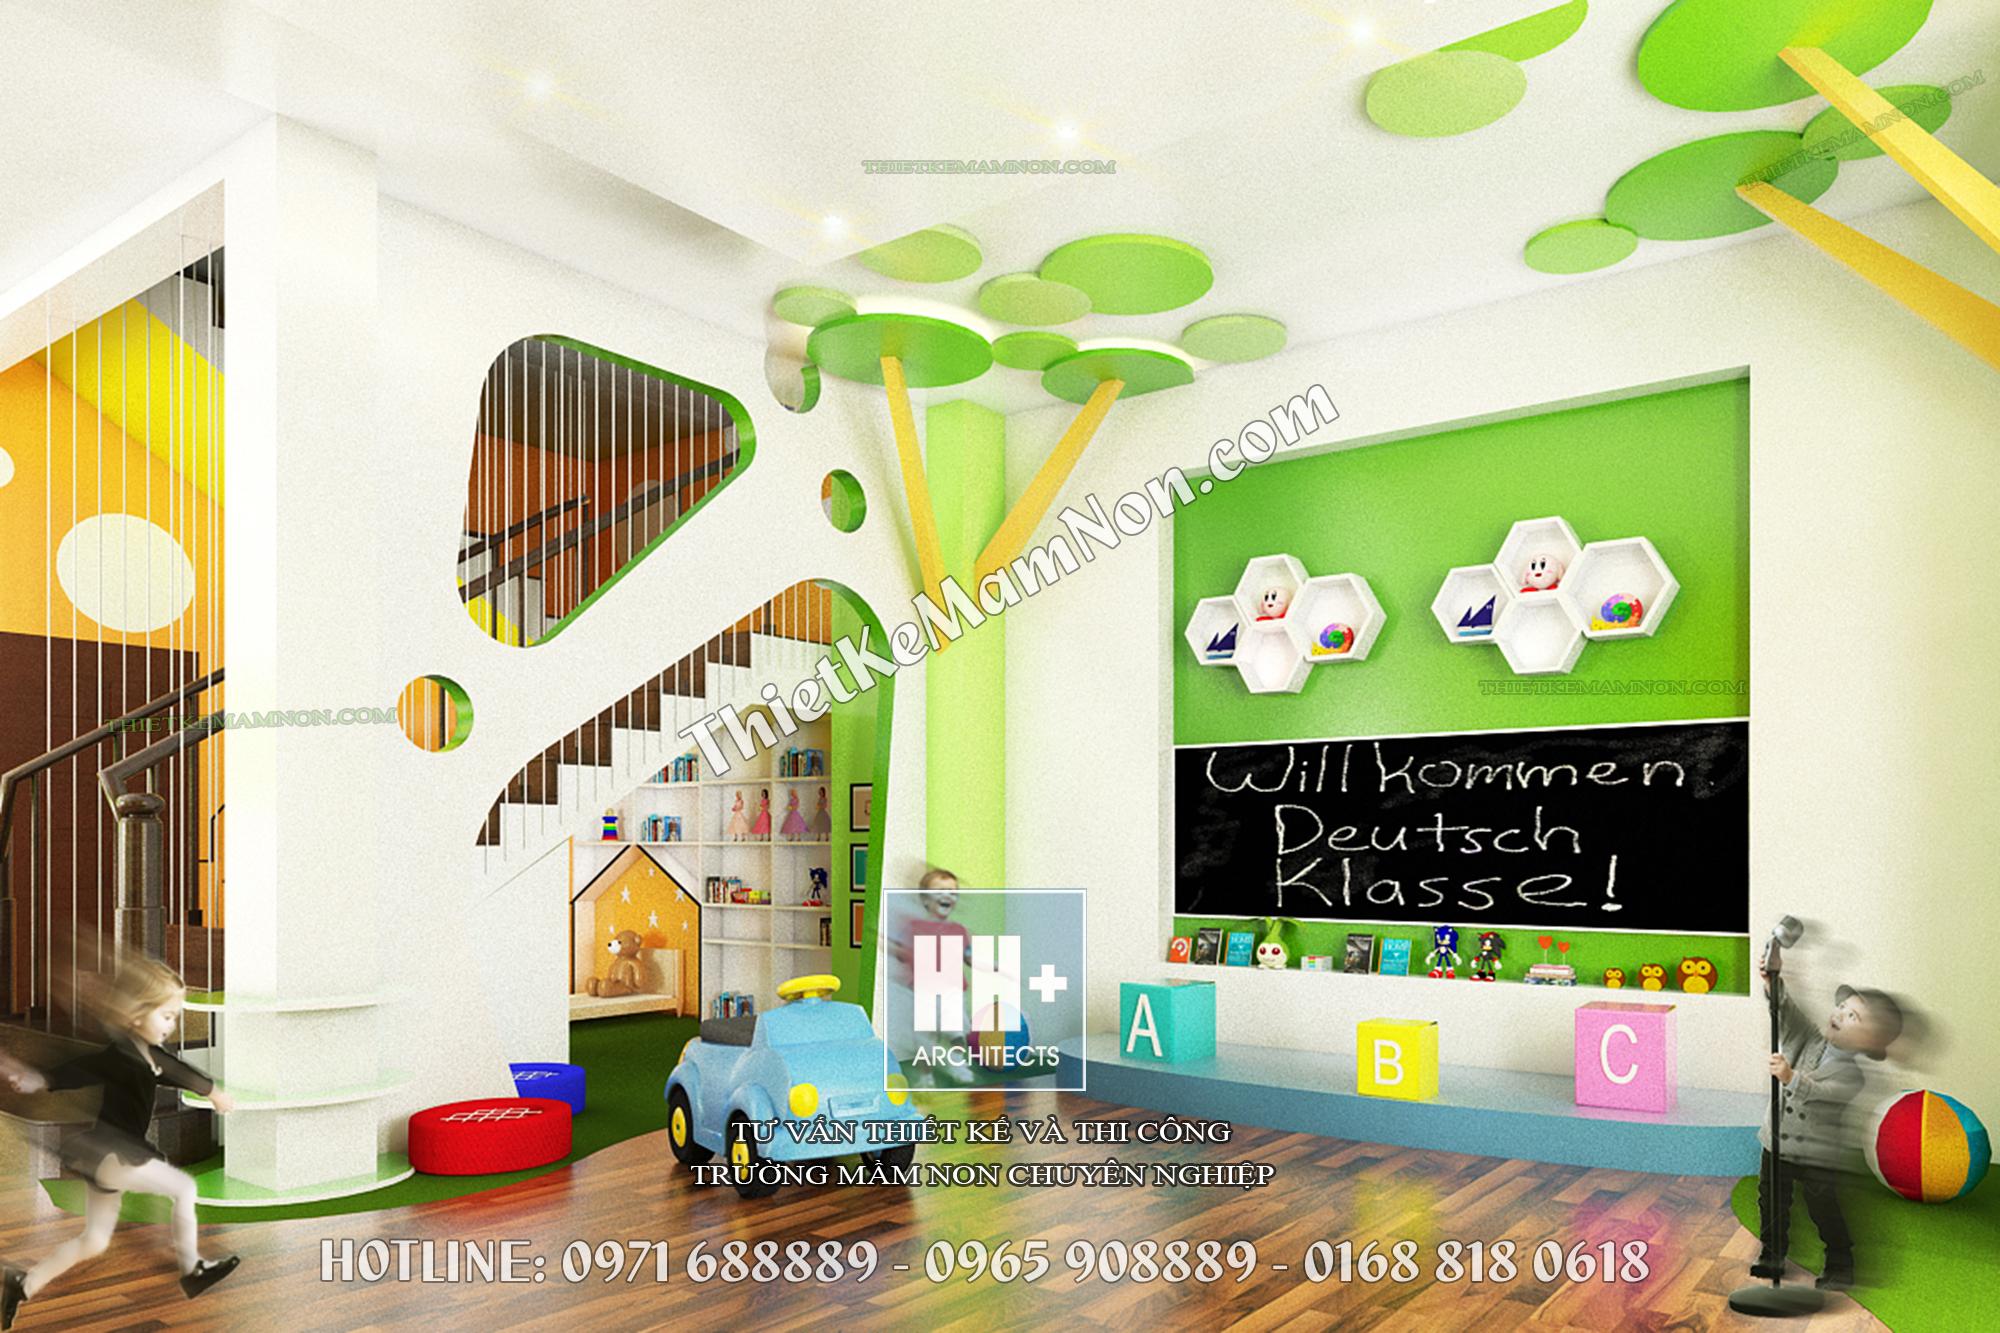 Thiết kế mầm non đẹp thiết kế mầm non Thiết kế mầm non đẹp Elite Kids 3